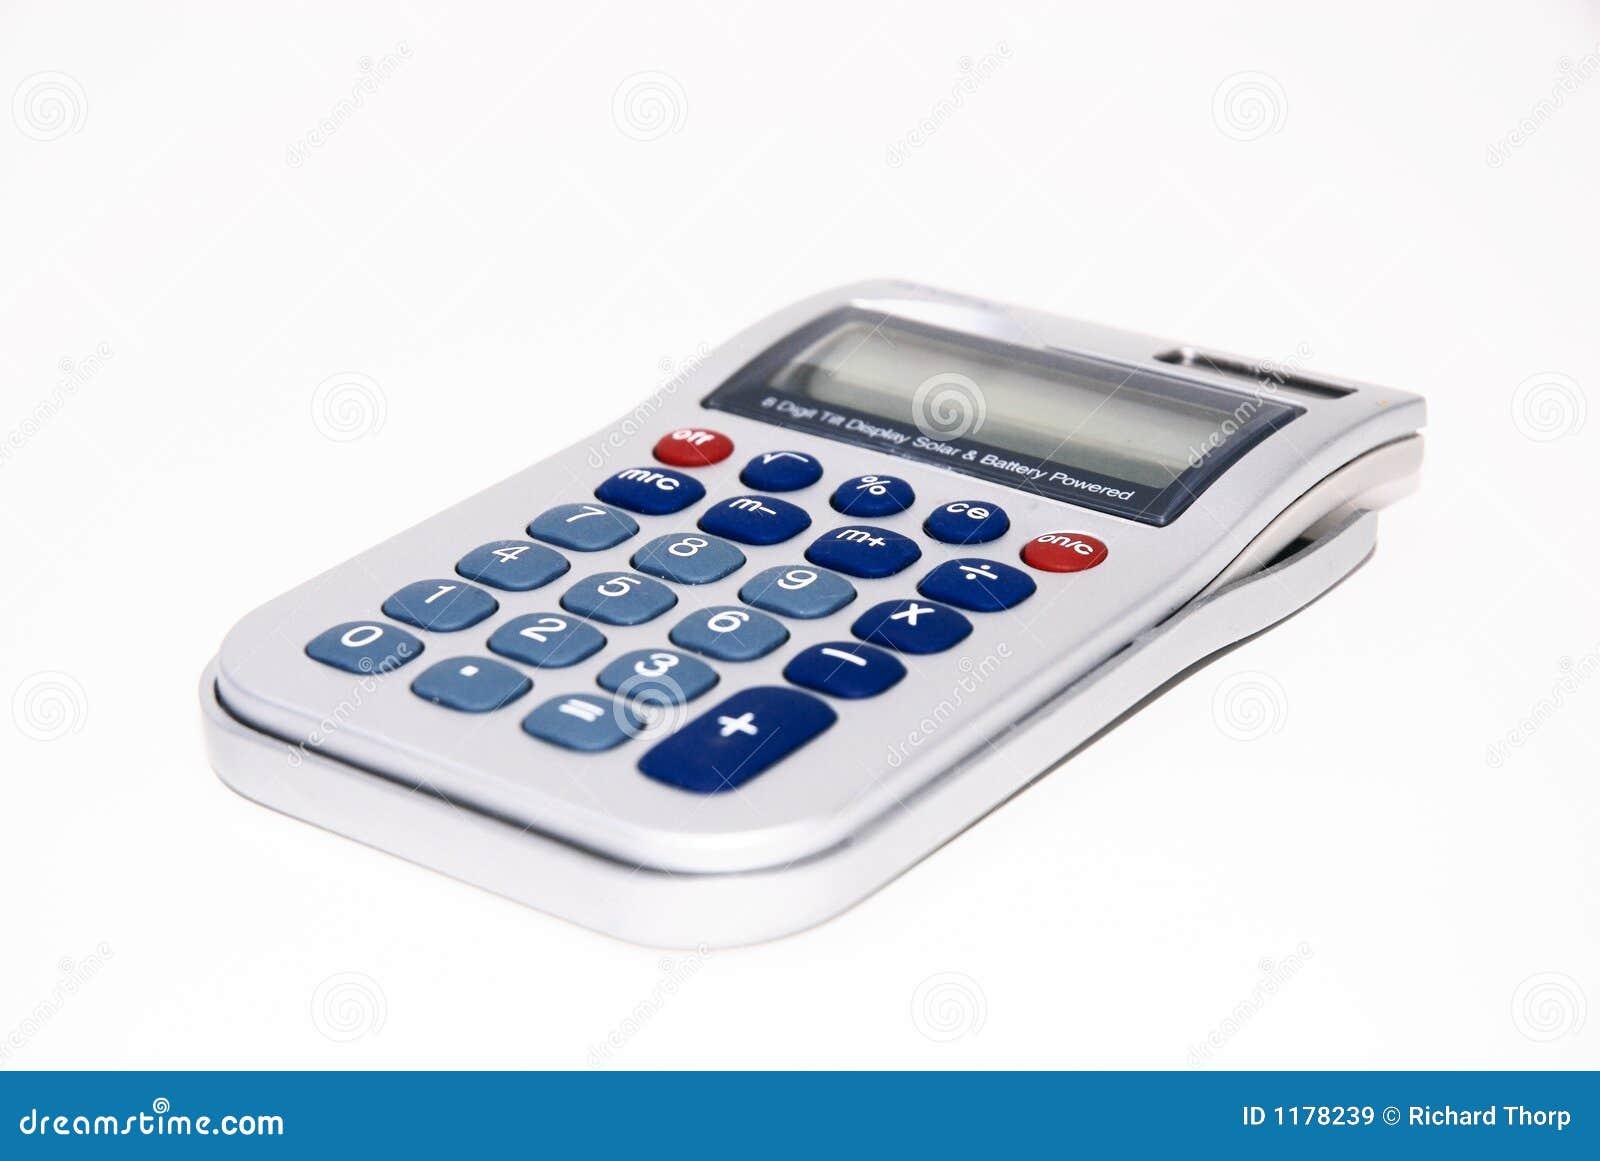 Calcolatore su priorità bassa isolata bianca